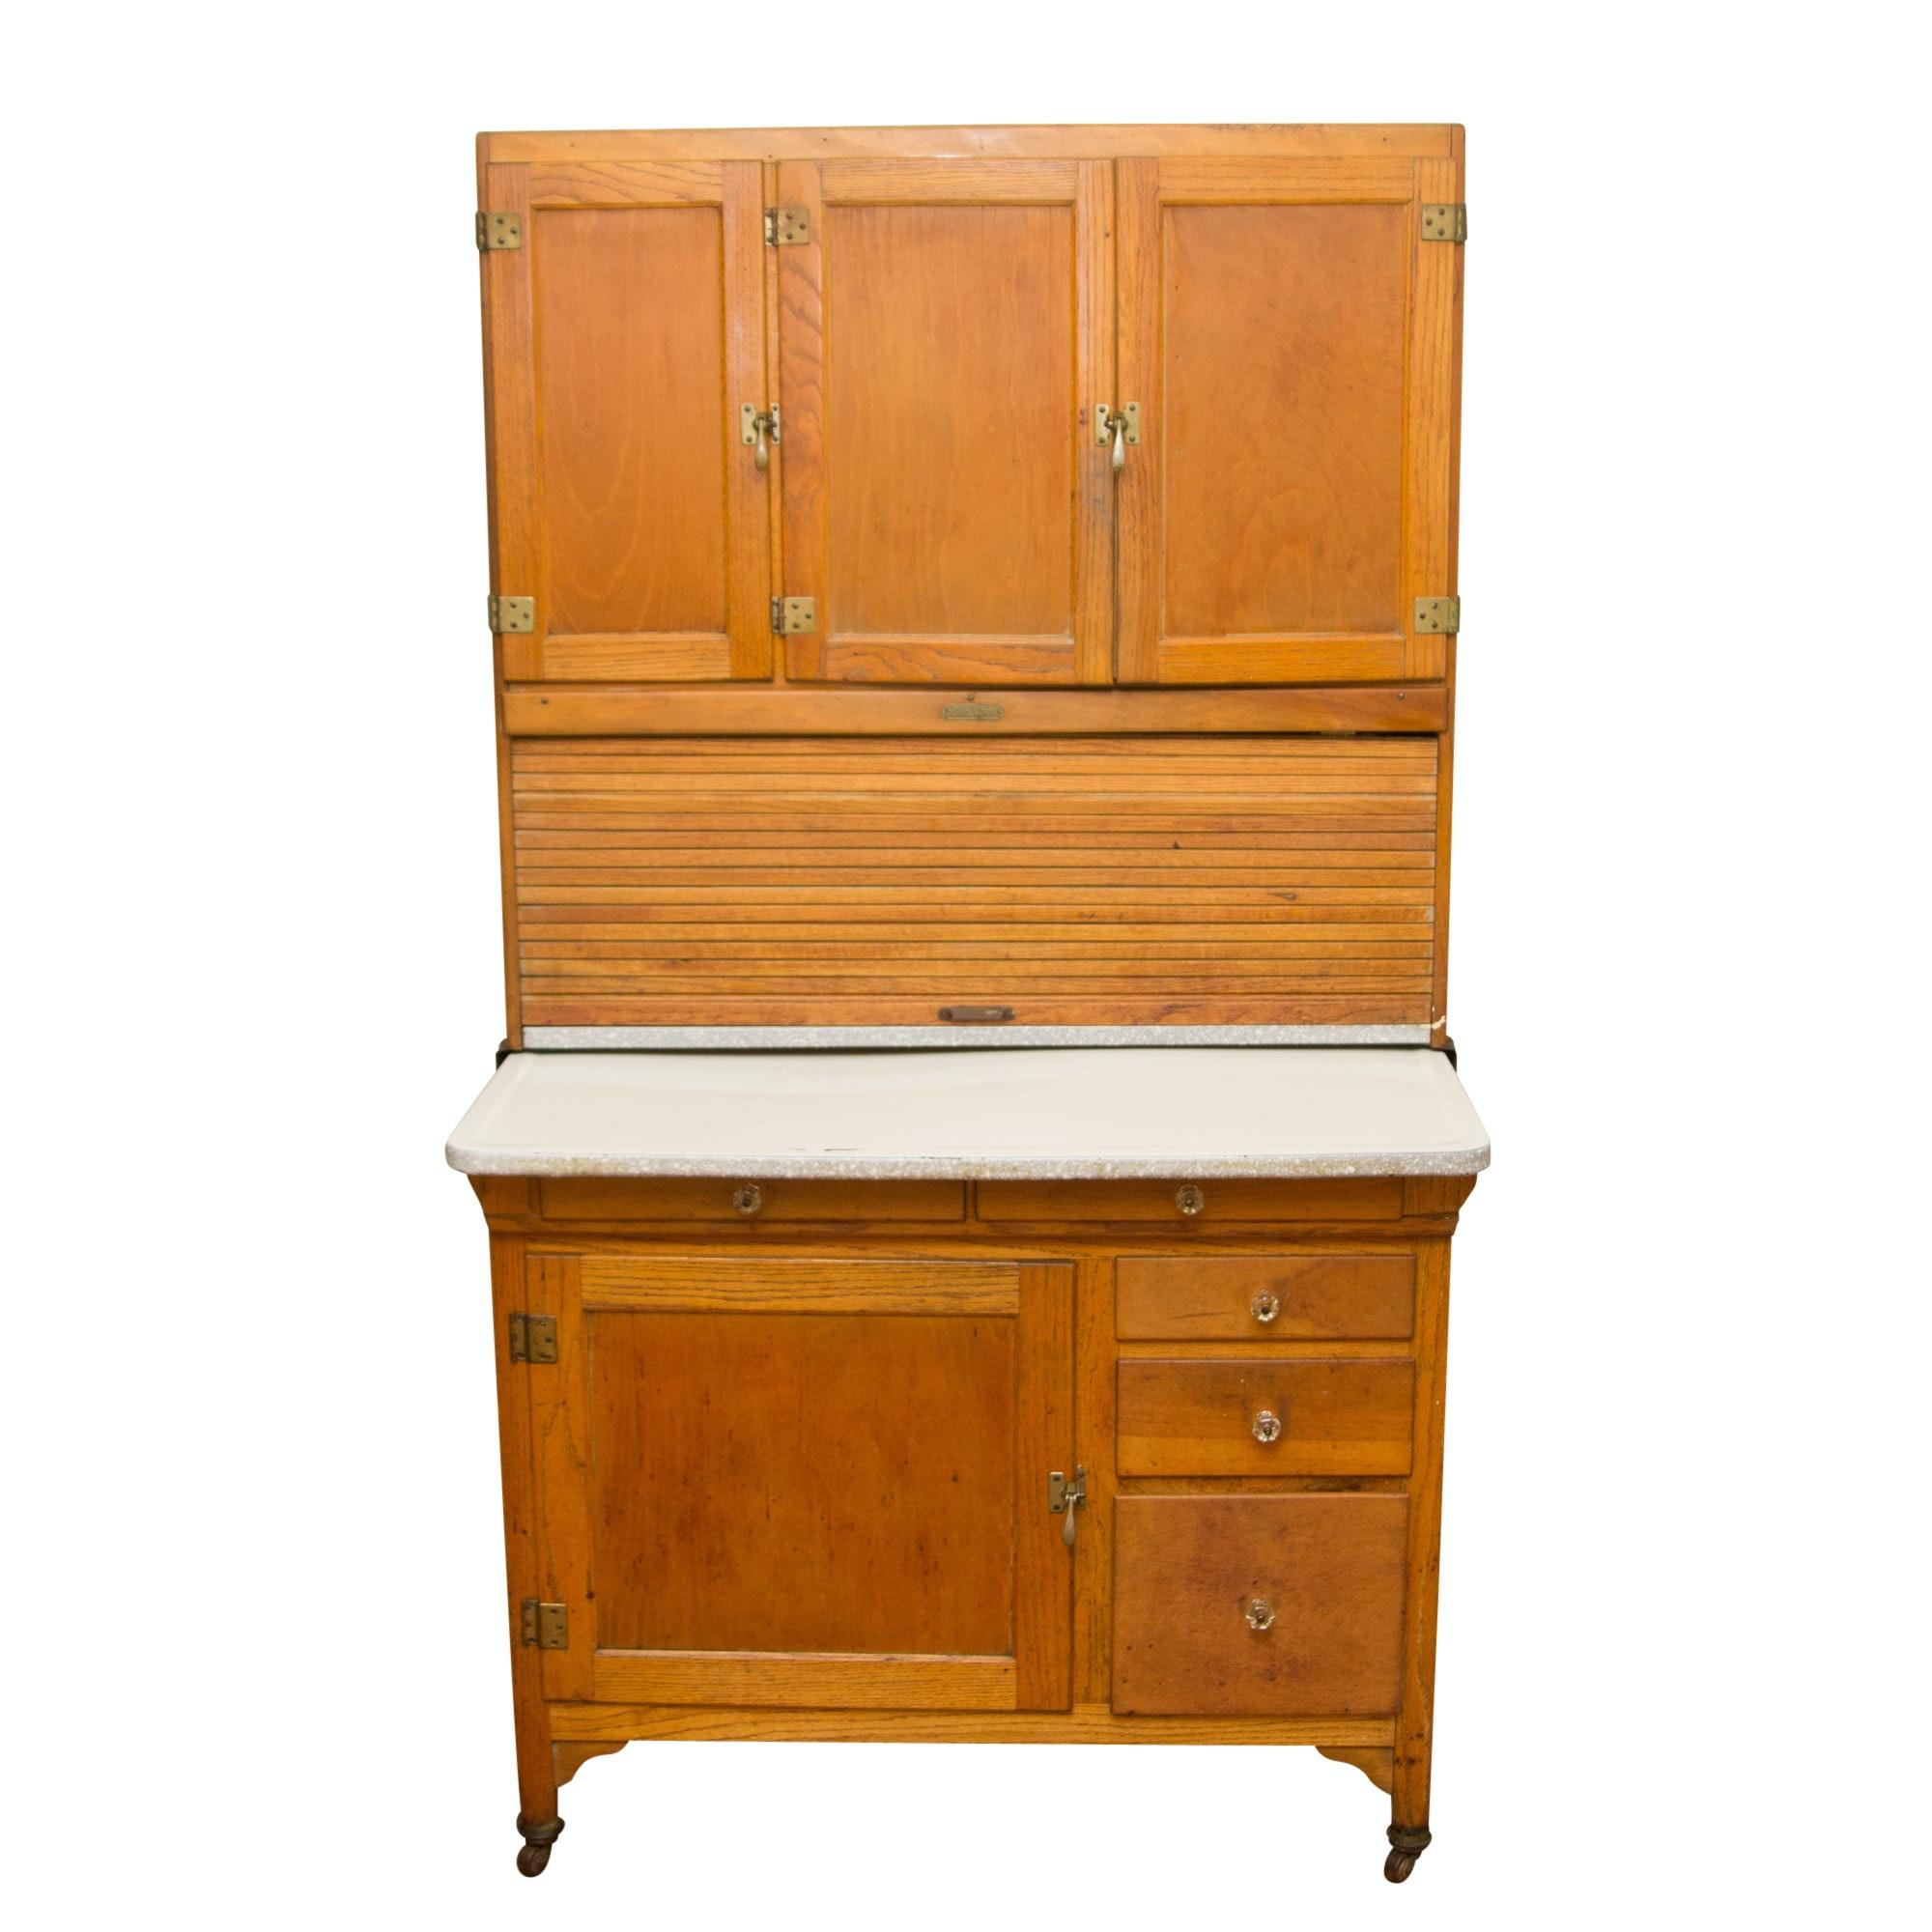 Vintage Oak Hoosier Style Kitchen Cabinet by Sellers